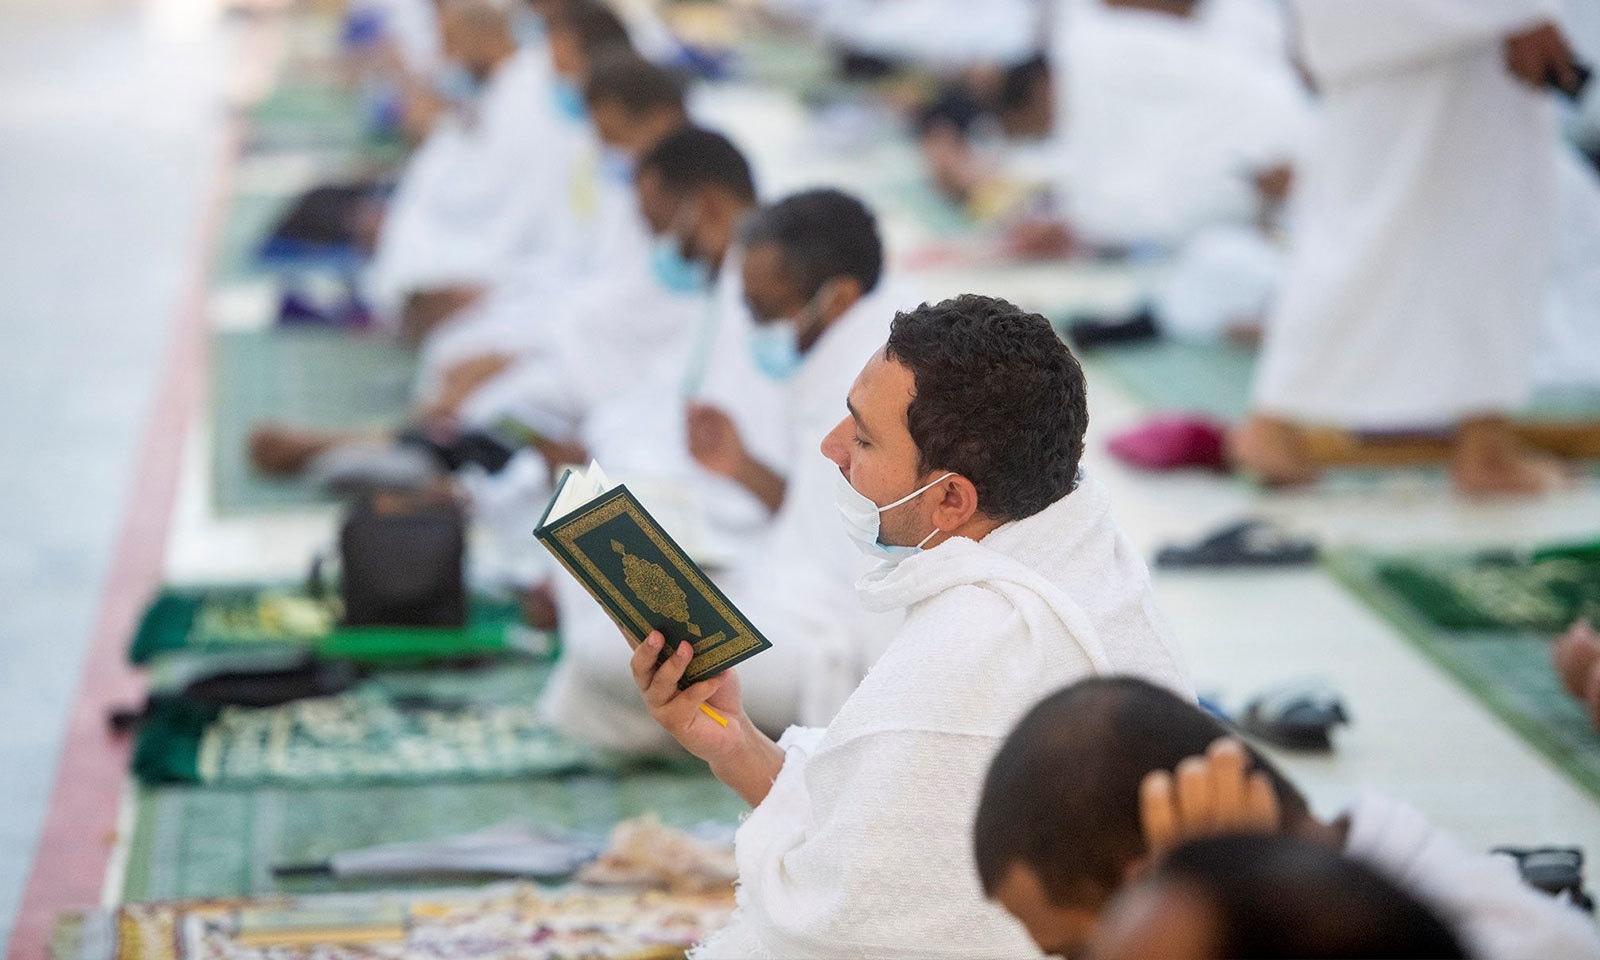 میدان عرفات پہنچنے کے بعد عازمین مسجد نمرہ میں عبادت میں مصروف ہیں—فوٹو: رائٹرز